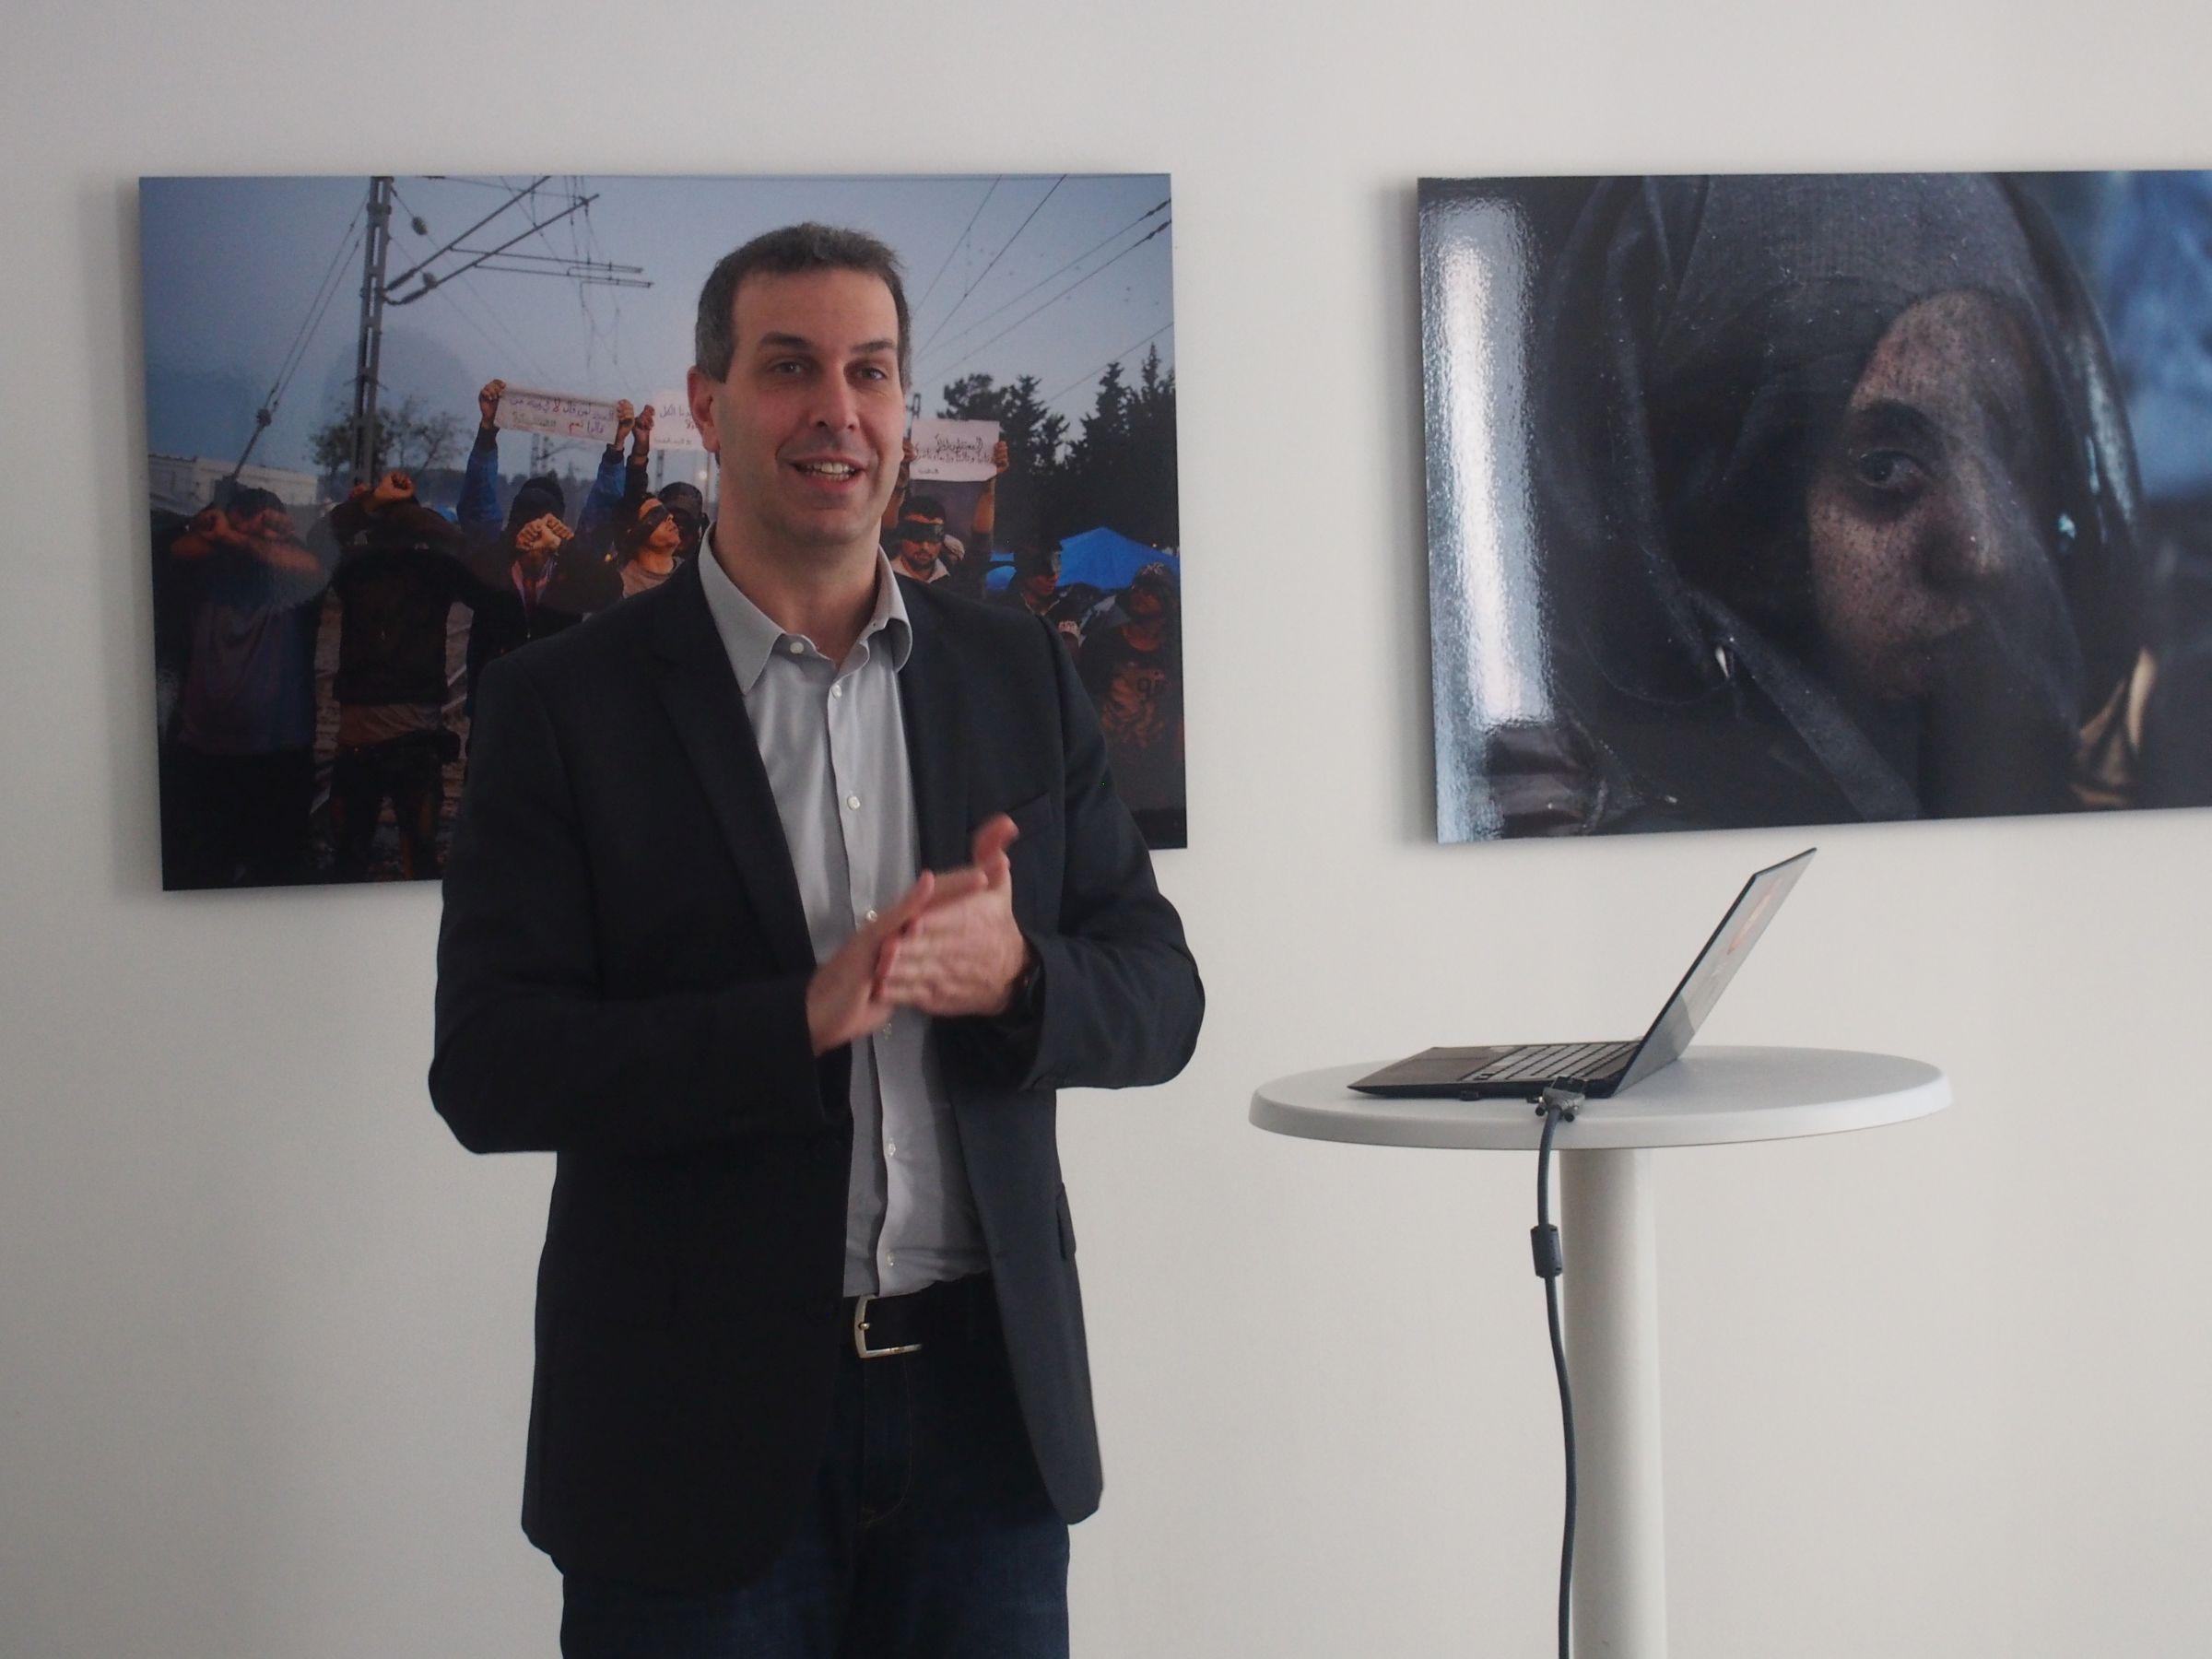 Hrvoje Balen, nacionalni koordinator eSkills inicijative u Hrvatskoj